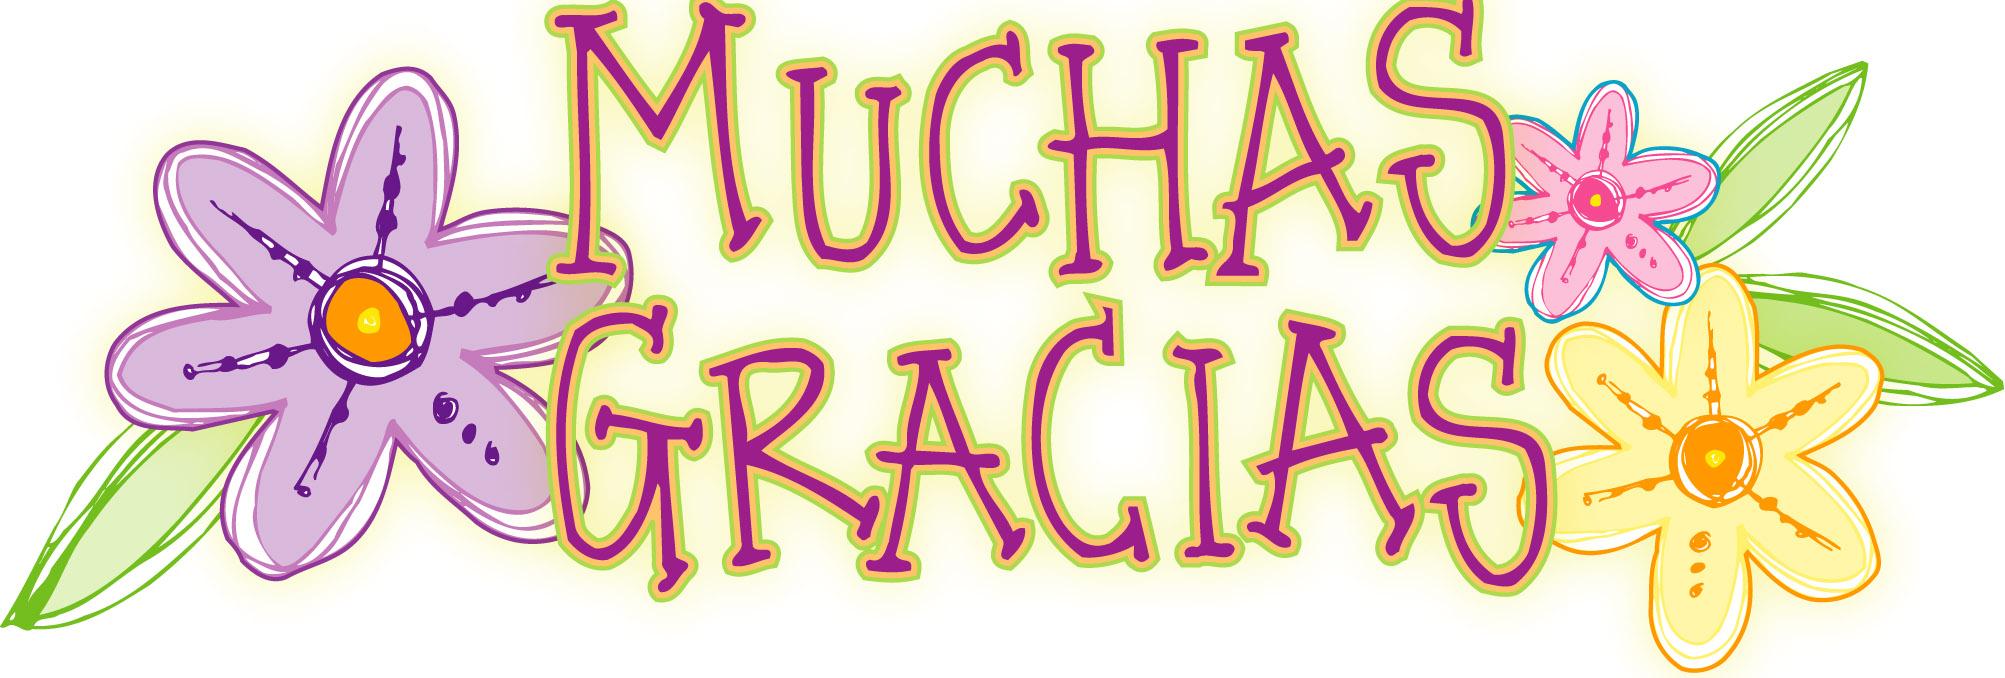 http://enpositivo.com/wp-content/uploads/2012/01/dji_muchasgracias_gracias-dar-las-gracias-ser-agradecido.jpg